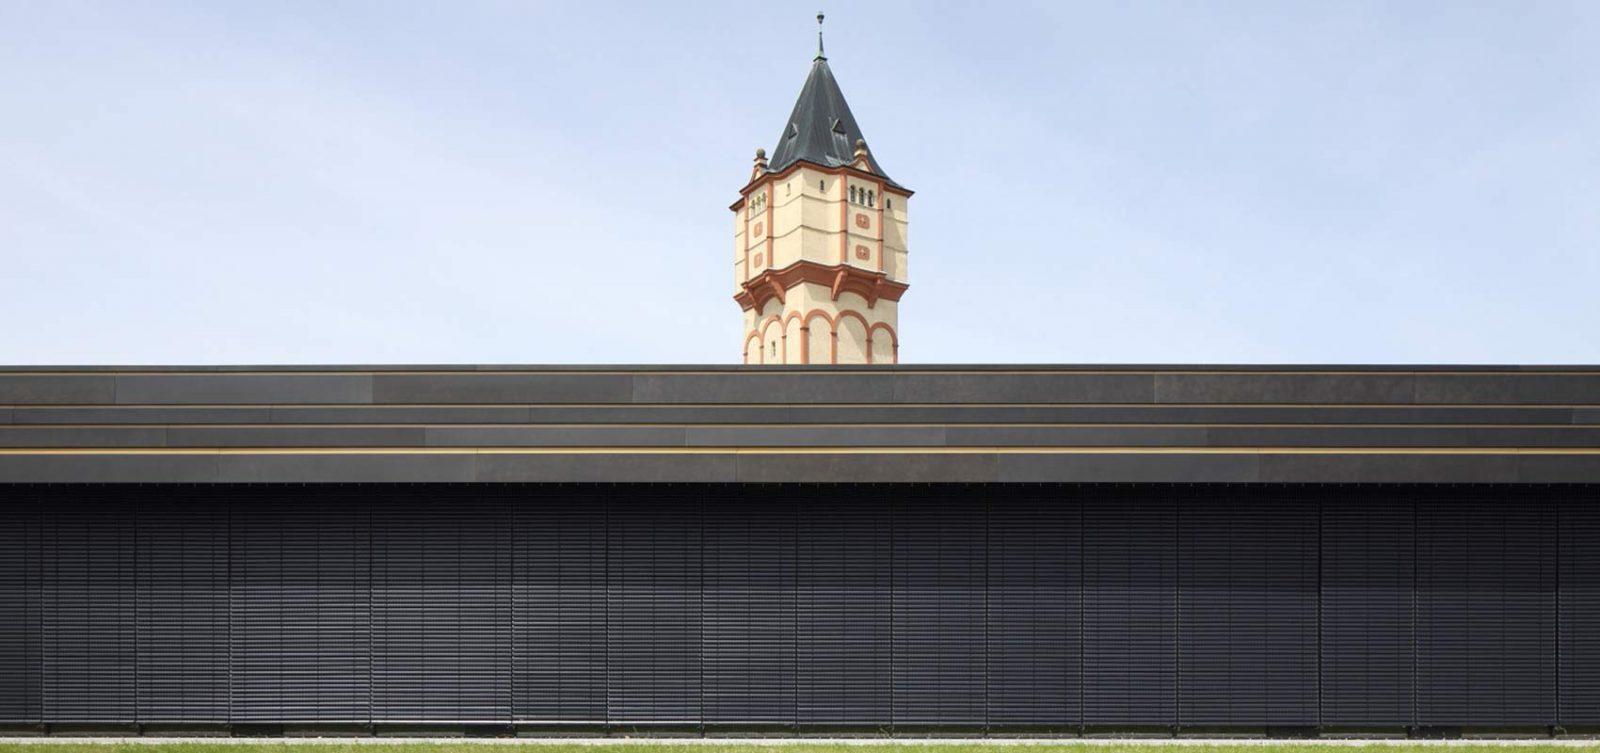 Bild eines Turms hinter einer Mauer